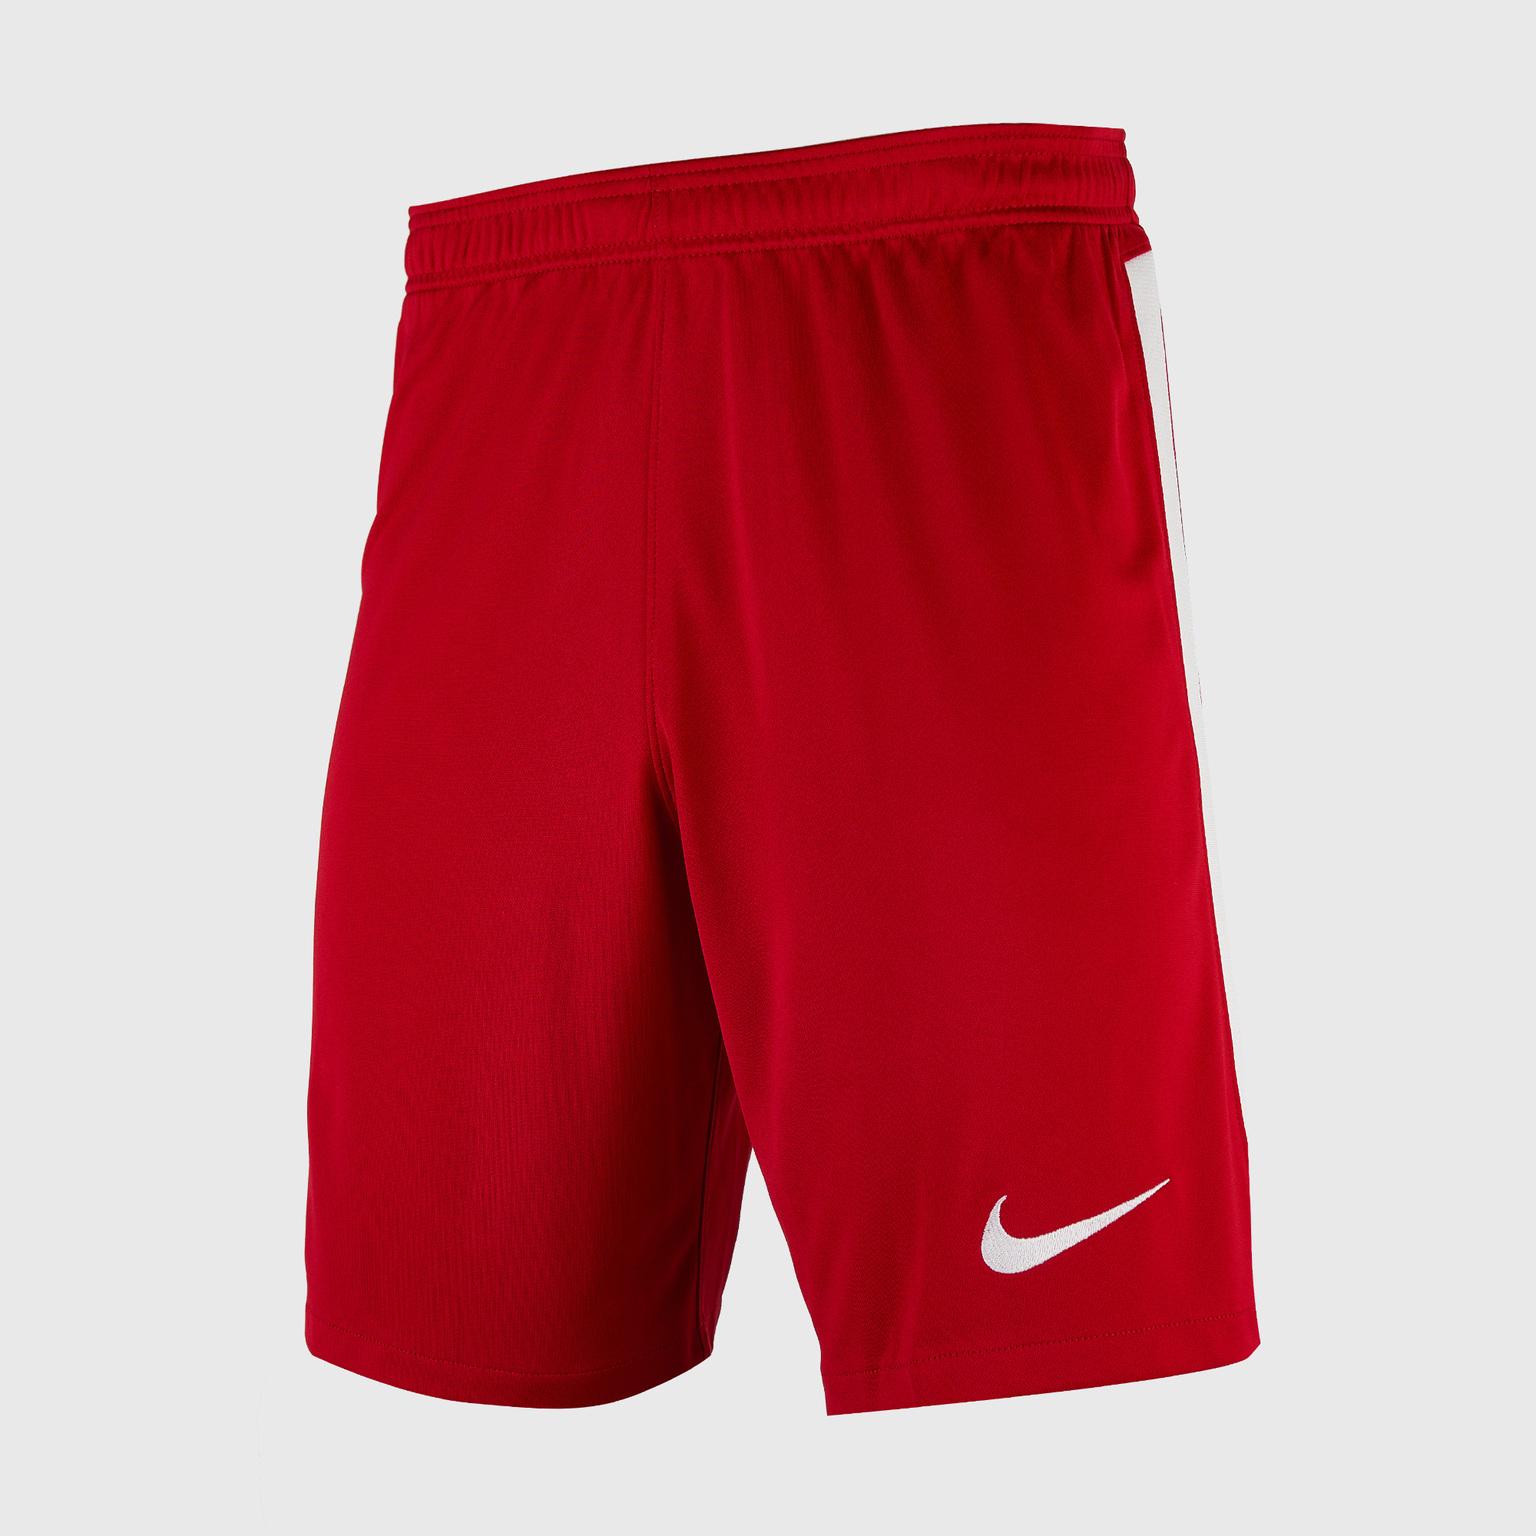 Фото - Шорты игровые домашние Nike Liverpool сезон 2020/21 шорты домашние oysho oysho ix001xw0075y